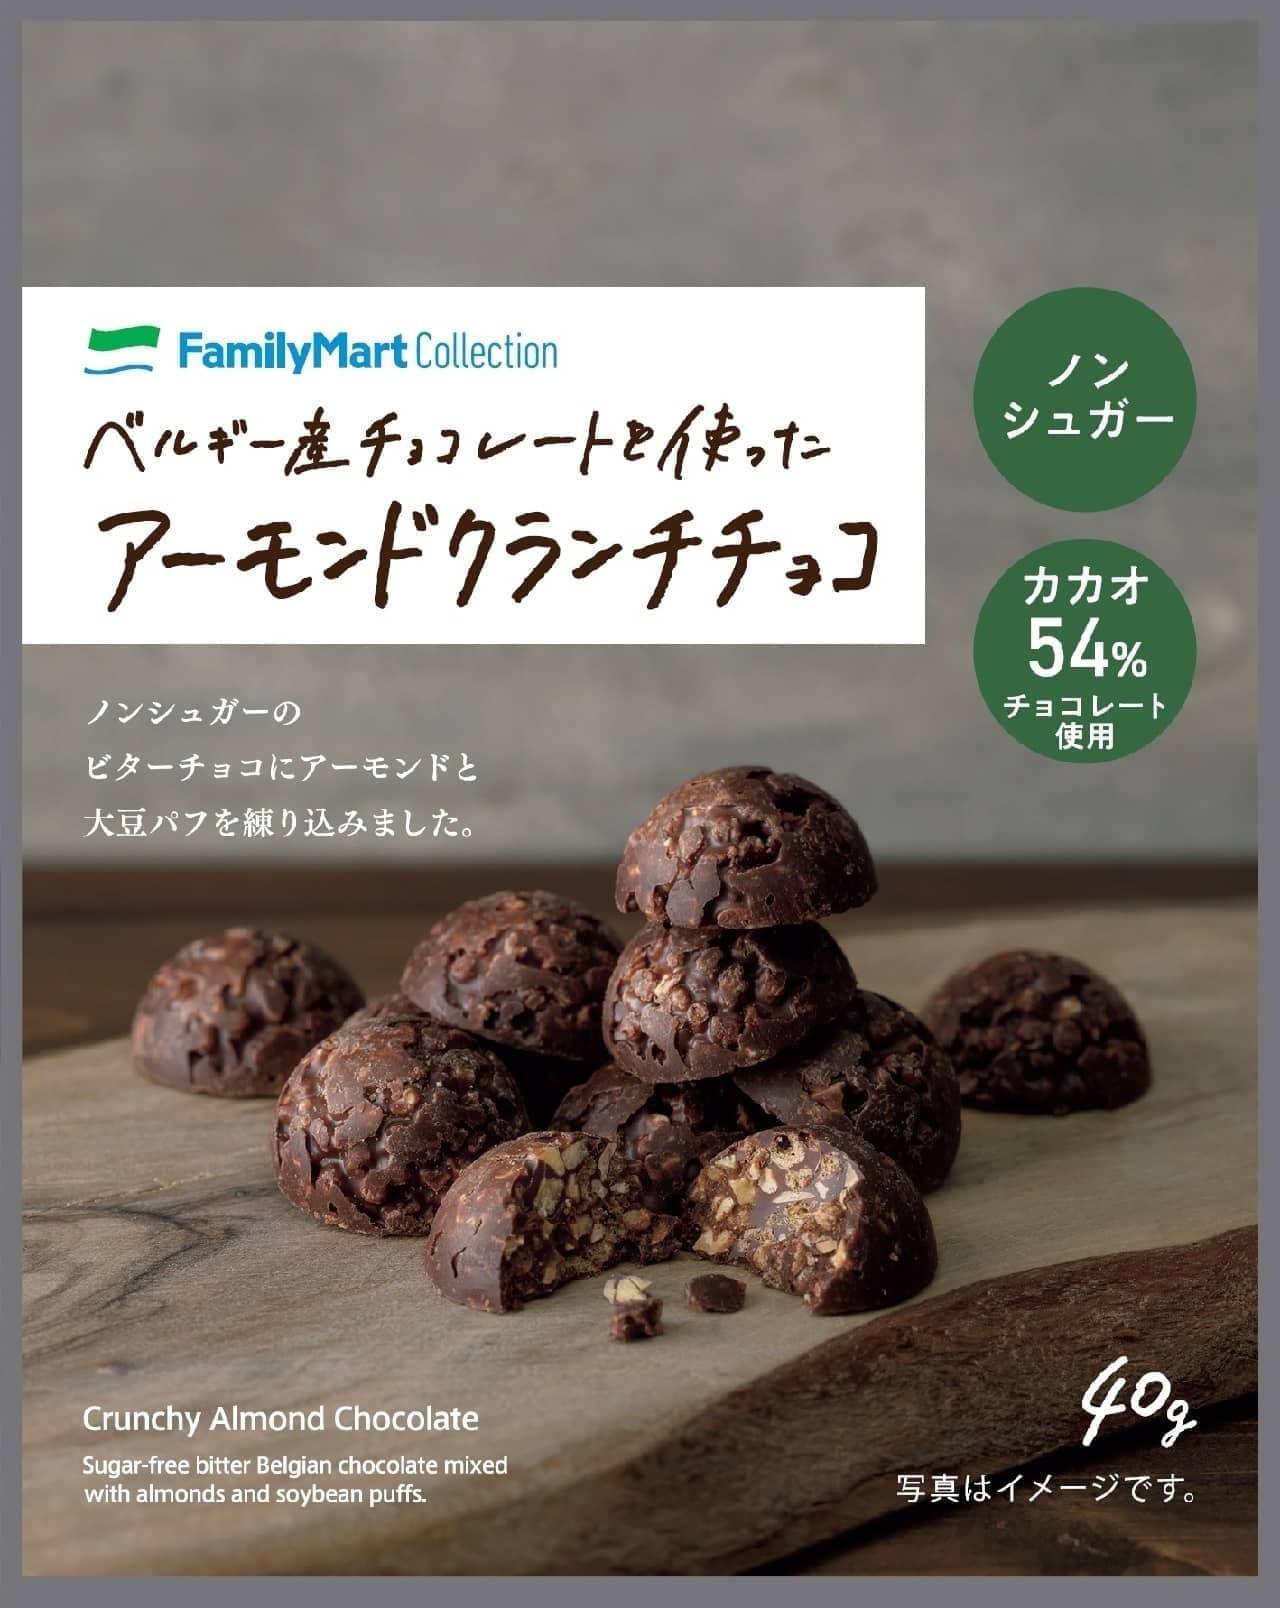 ファミリーマート「ベルギー産チョコレートを使ったアーモンドクランチチョコ」